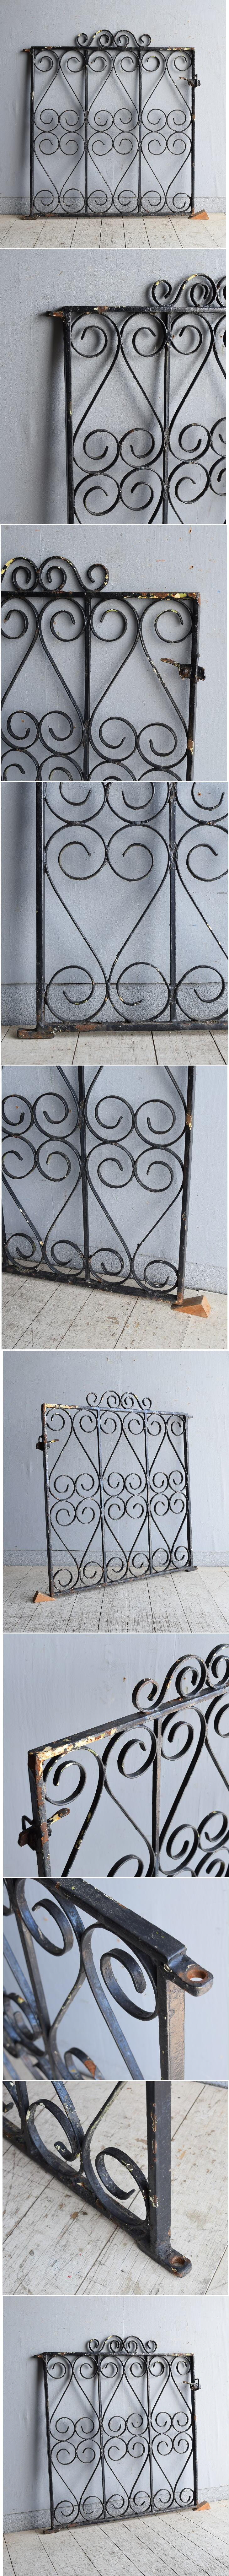 イギリス アンティーク アイアンフェンス ゲート柵 8411